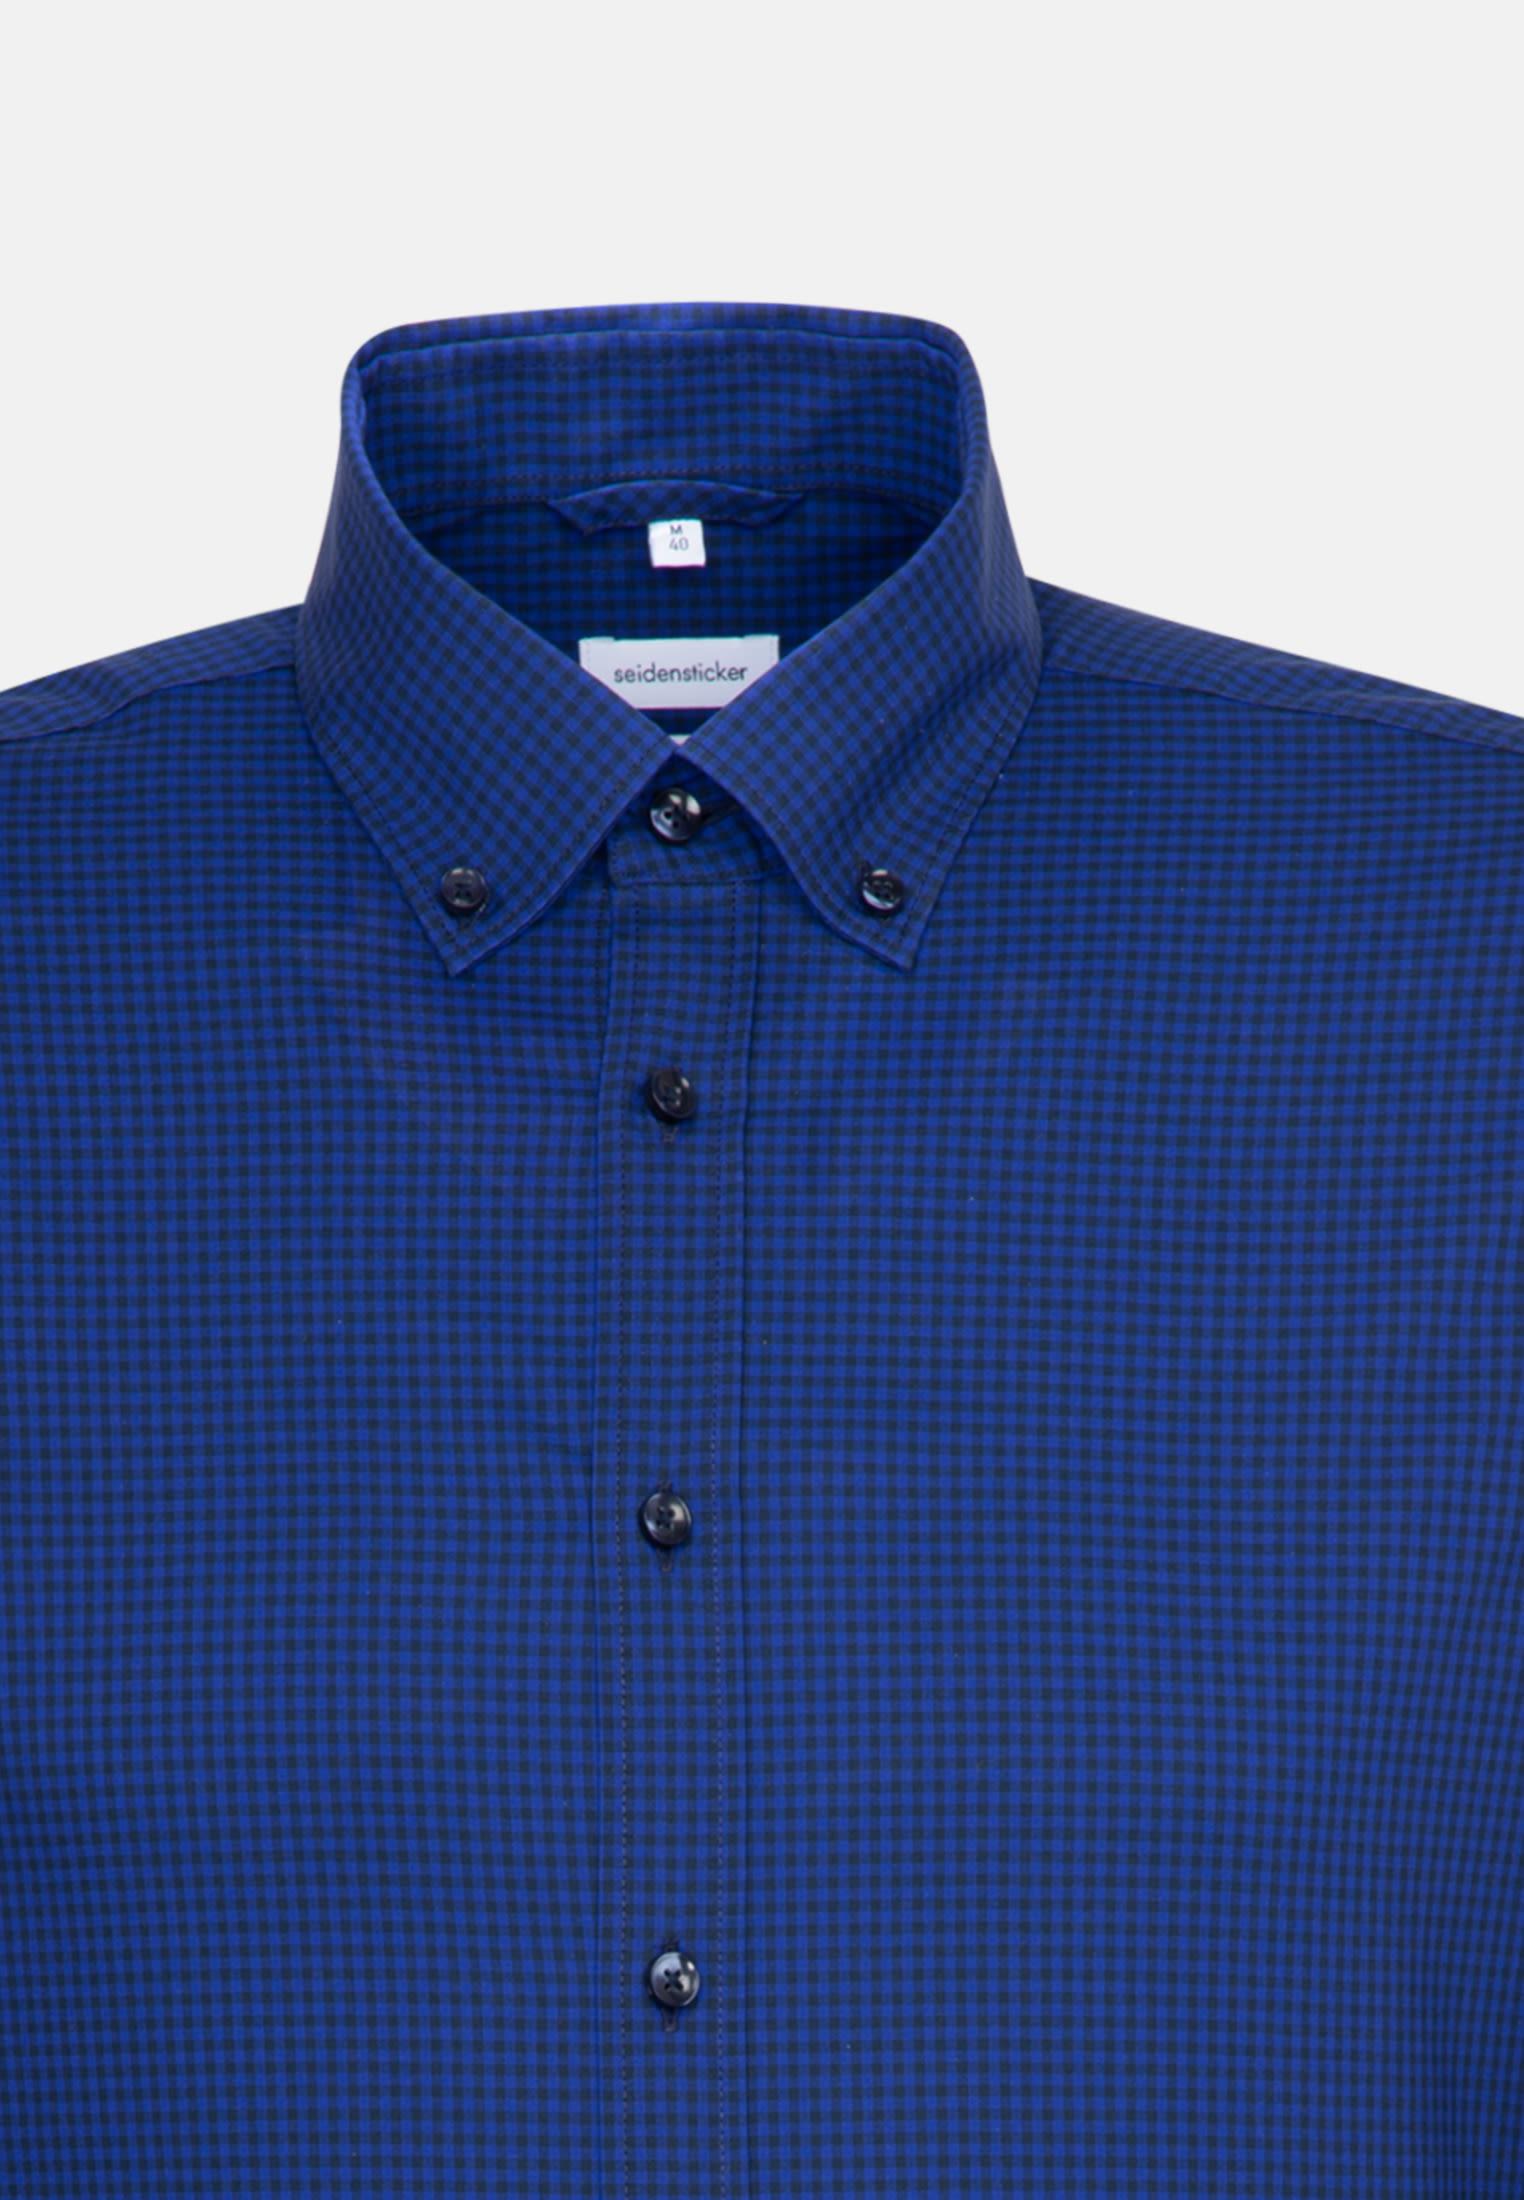 Bügelfreies Popeline Business Hemd in Slim mit Button-Down-Kragen in Mittelblau |  Seidensticker Onlineshop